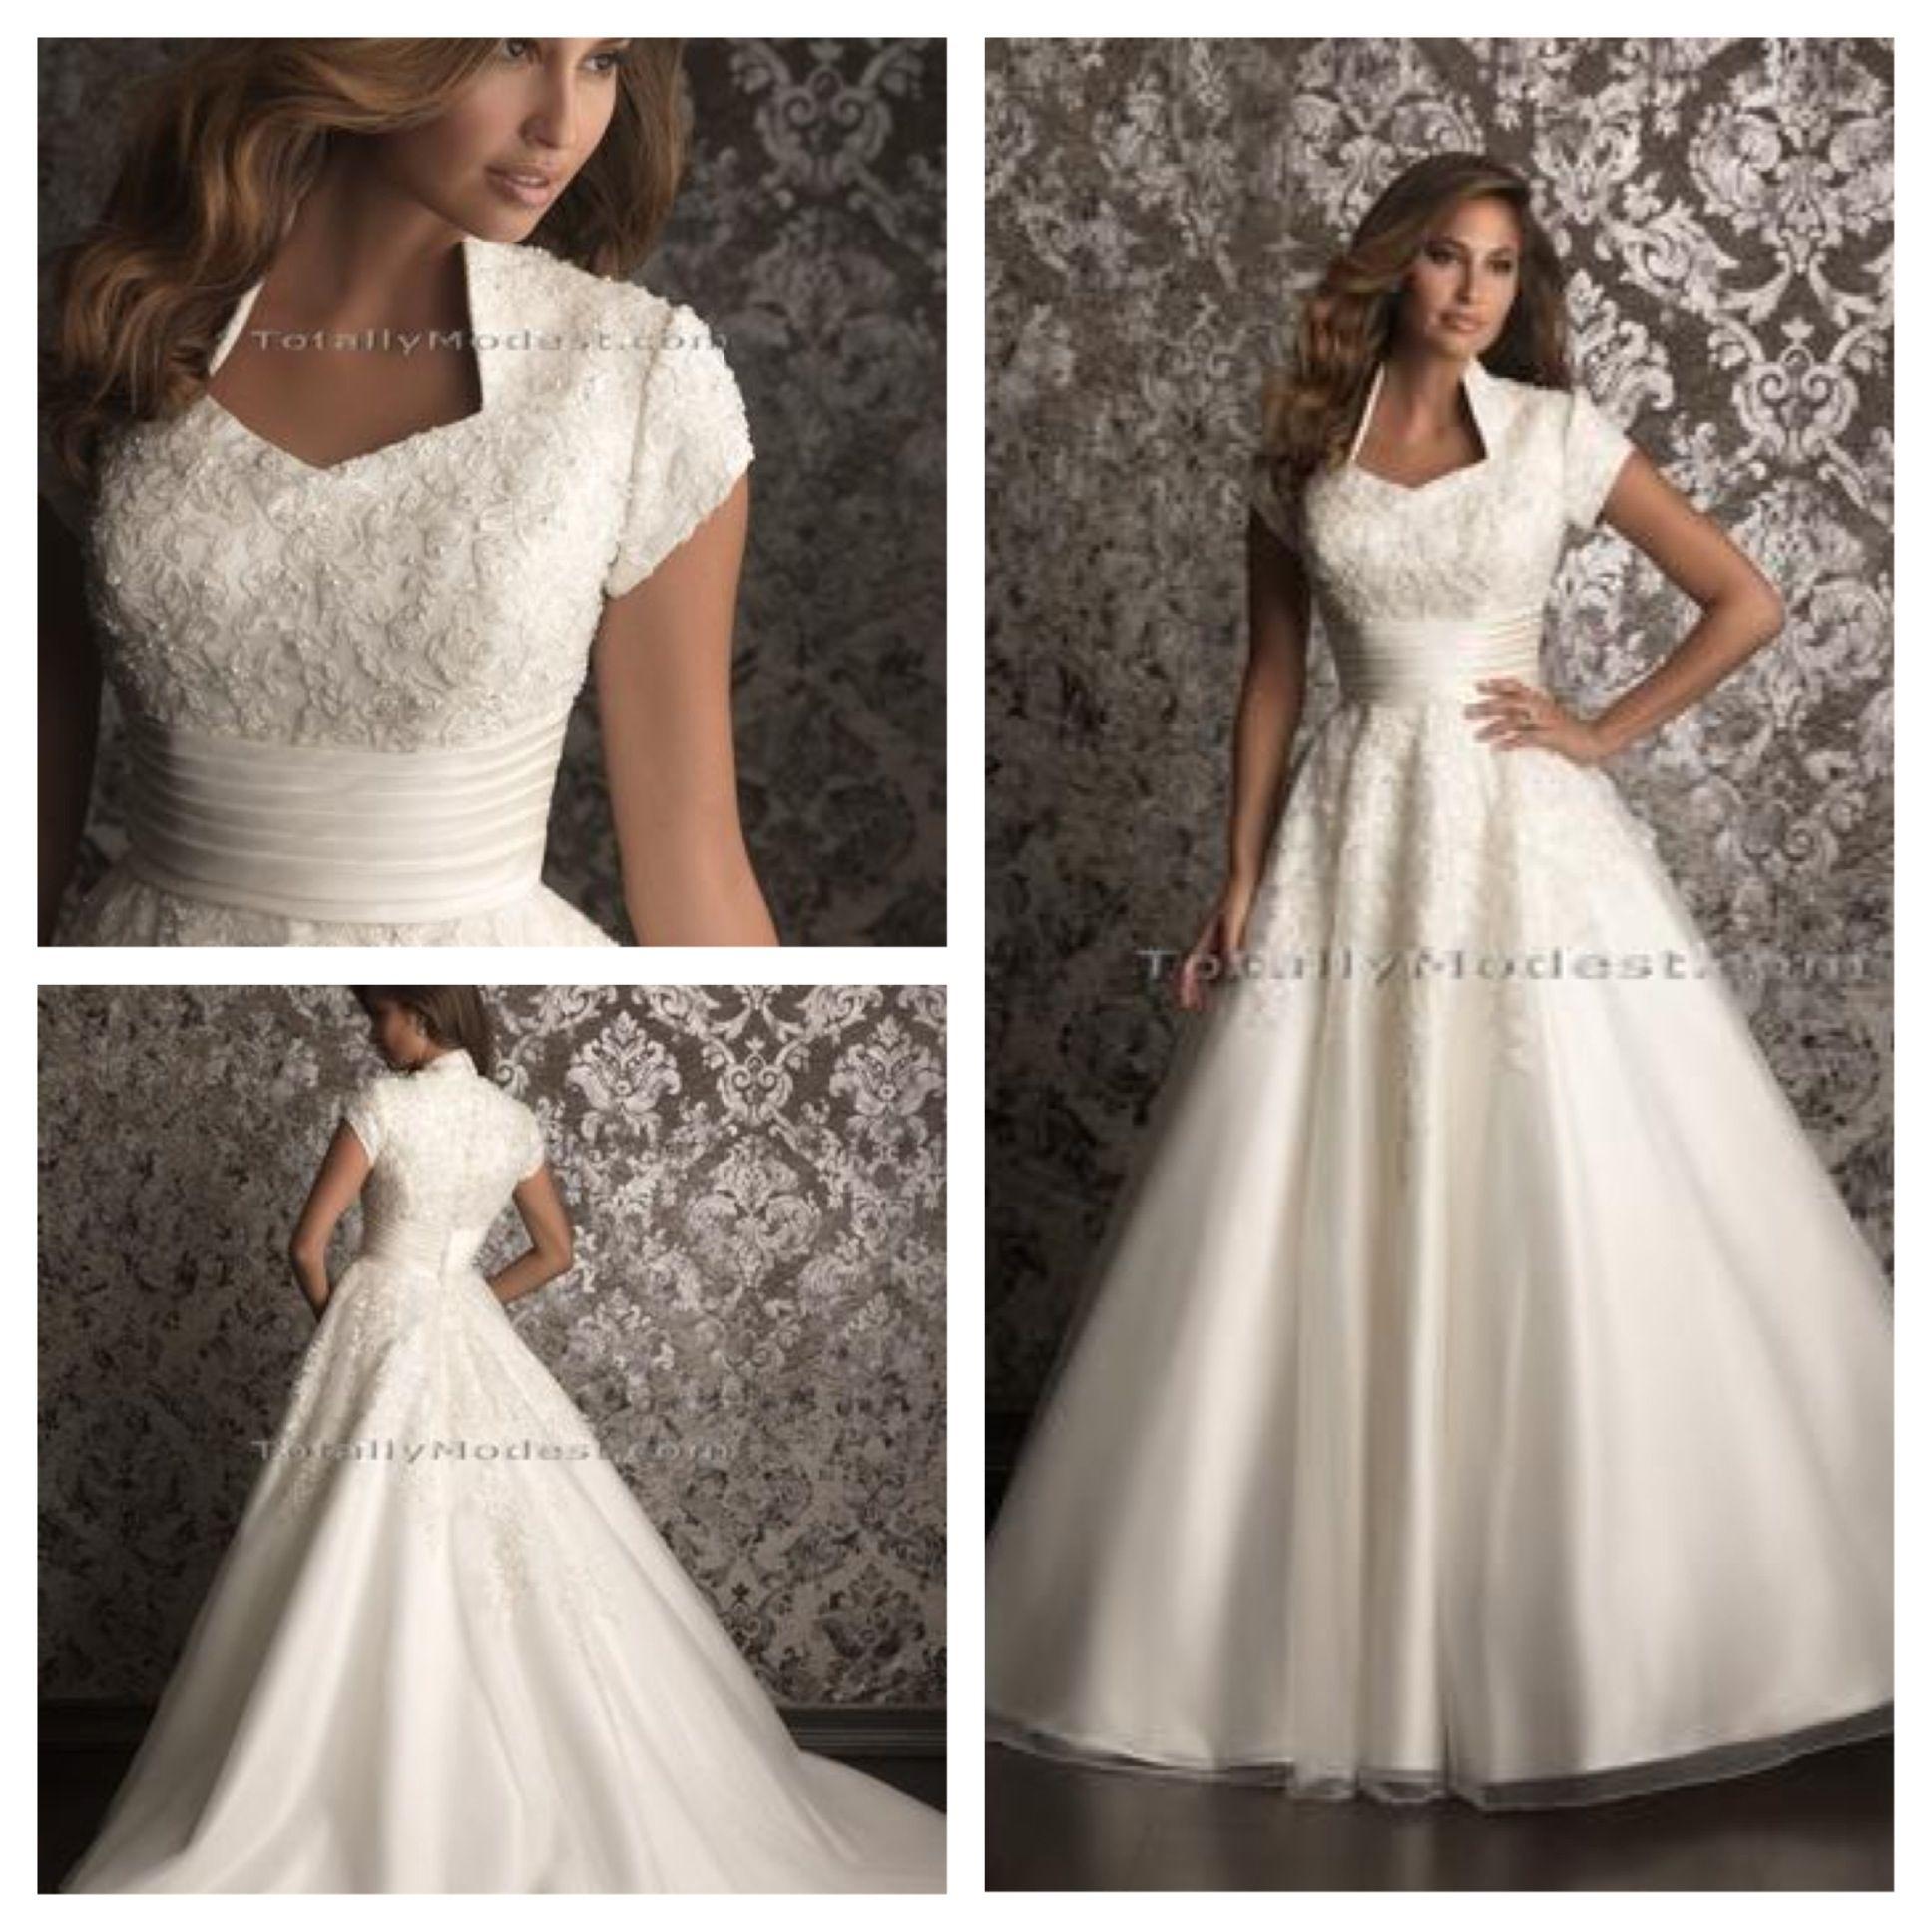 Modest Wedding Gowns: Gorgeous Modest Wedding Dress...